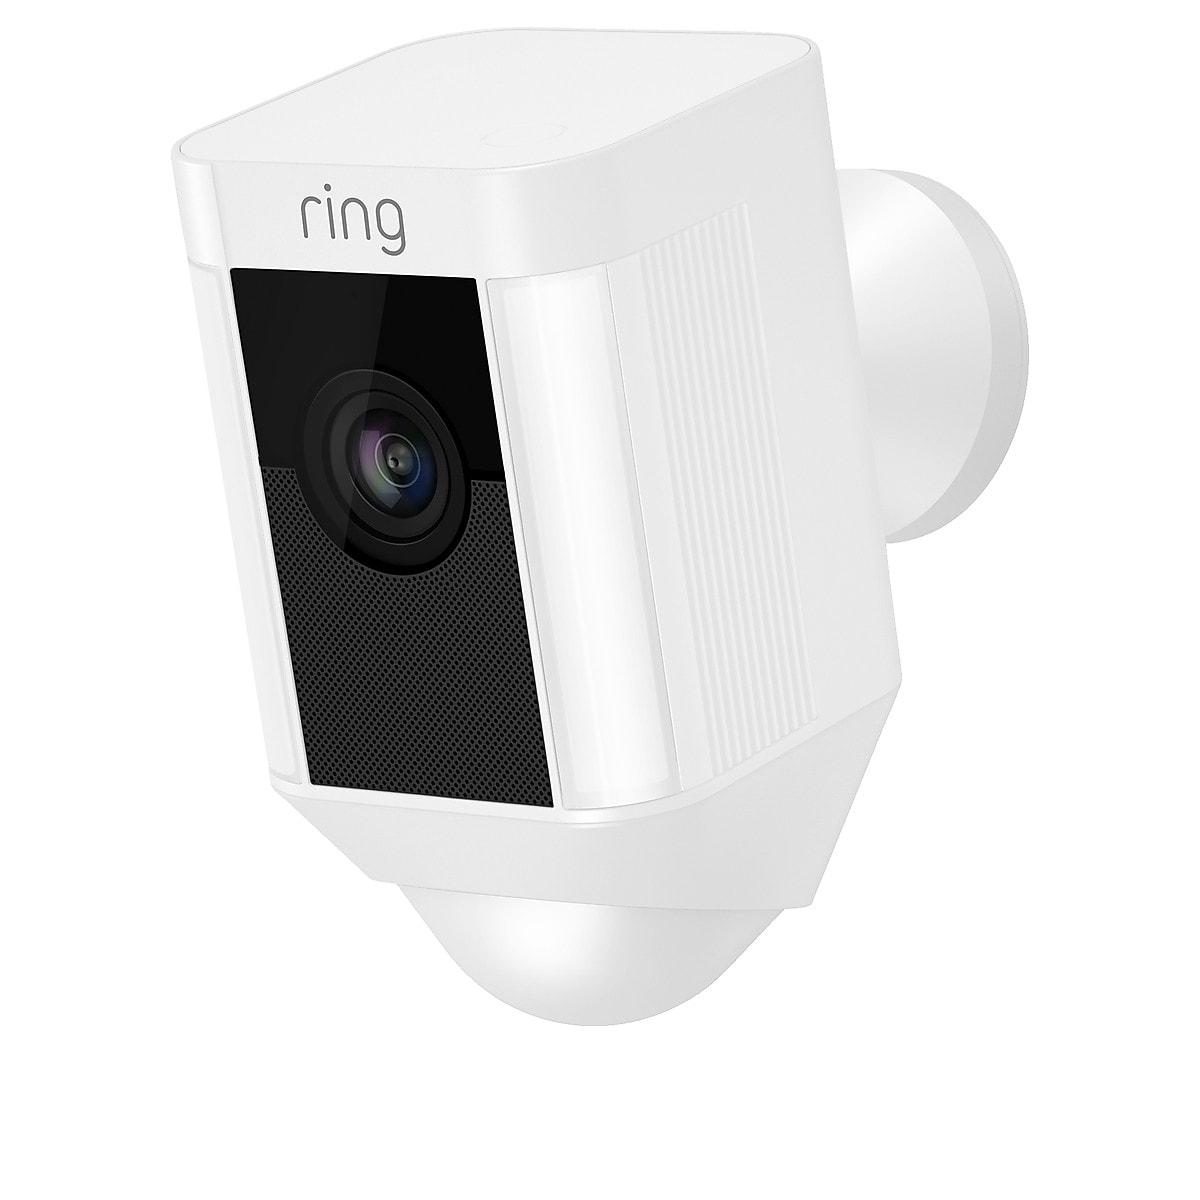 Övervakningskamera Ring Spotlight Cam Wired